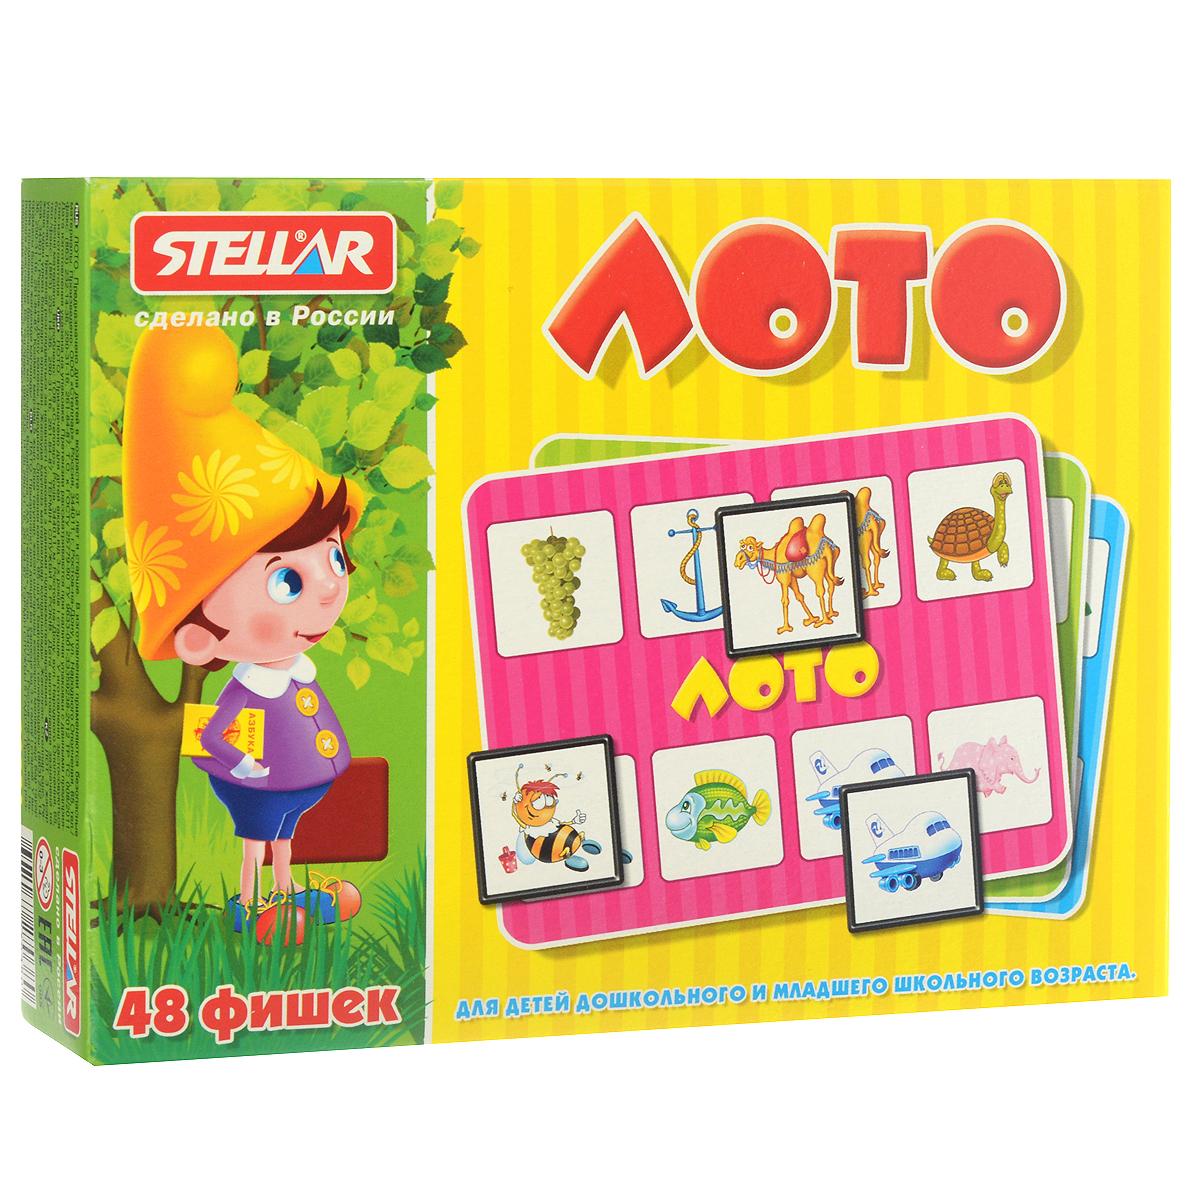 Лото Stellar00901Лото Stellar для детей дошкольного и младшего школьного возраста обязательно понравится вашему малышу. Комплект игры включает в себя 48 ярких фишек, 6 картонных карточек с забавными рисунками и полиэтиленовый мешочек для перемешивания фишек. Фишки выполнены из безопасного полистирола. В игре могут принимать участие до 6 человек. Фишки складываются в мешочек, игрокам раздают карточки. Ведущий достает фишки из мешка, а игроки накрывают ими совпавшие картинки. Выигрывает тот, кто первым накроет фишками все картинки. Также красочные фишки можно использовать в качестве обучающего материала - на примере картинок вы сможете рассказать малышу о предметах, которые его окружают. Игра в лото не только подарит малышу множество веселых мгновений, но и поможет познакомиться с новыми словами, а также развить внимательность, пространственное мышление и мелкую моторику.